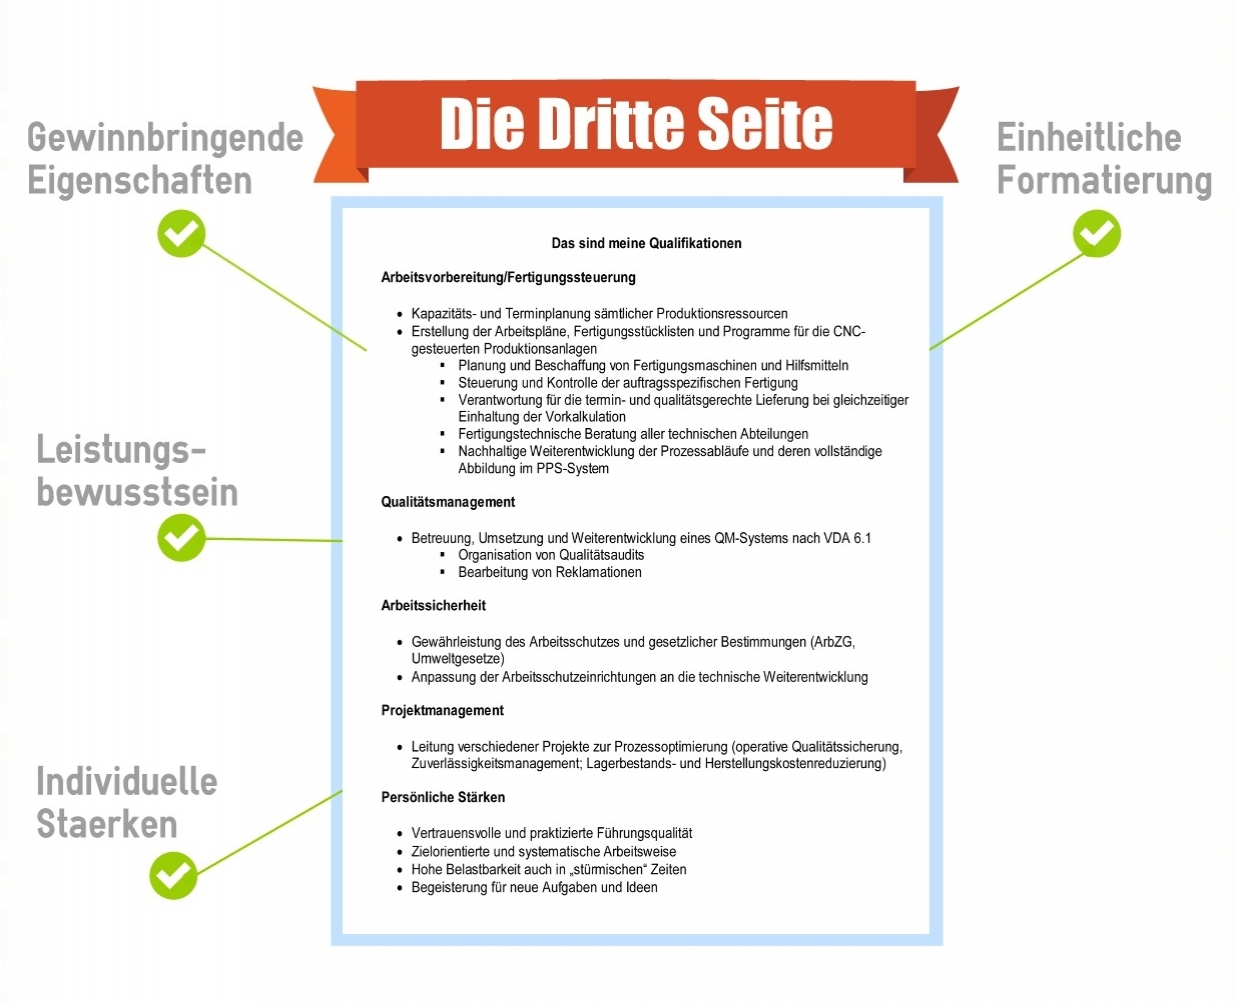 Bewerbungen und Vorstellungsgespräche by Larissa Lehmann on Prezi